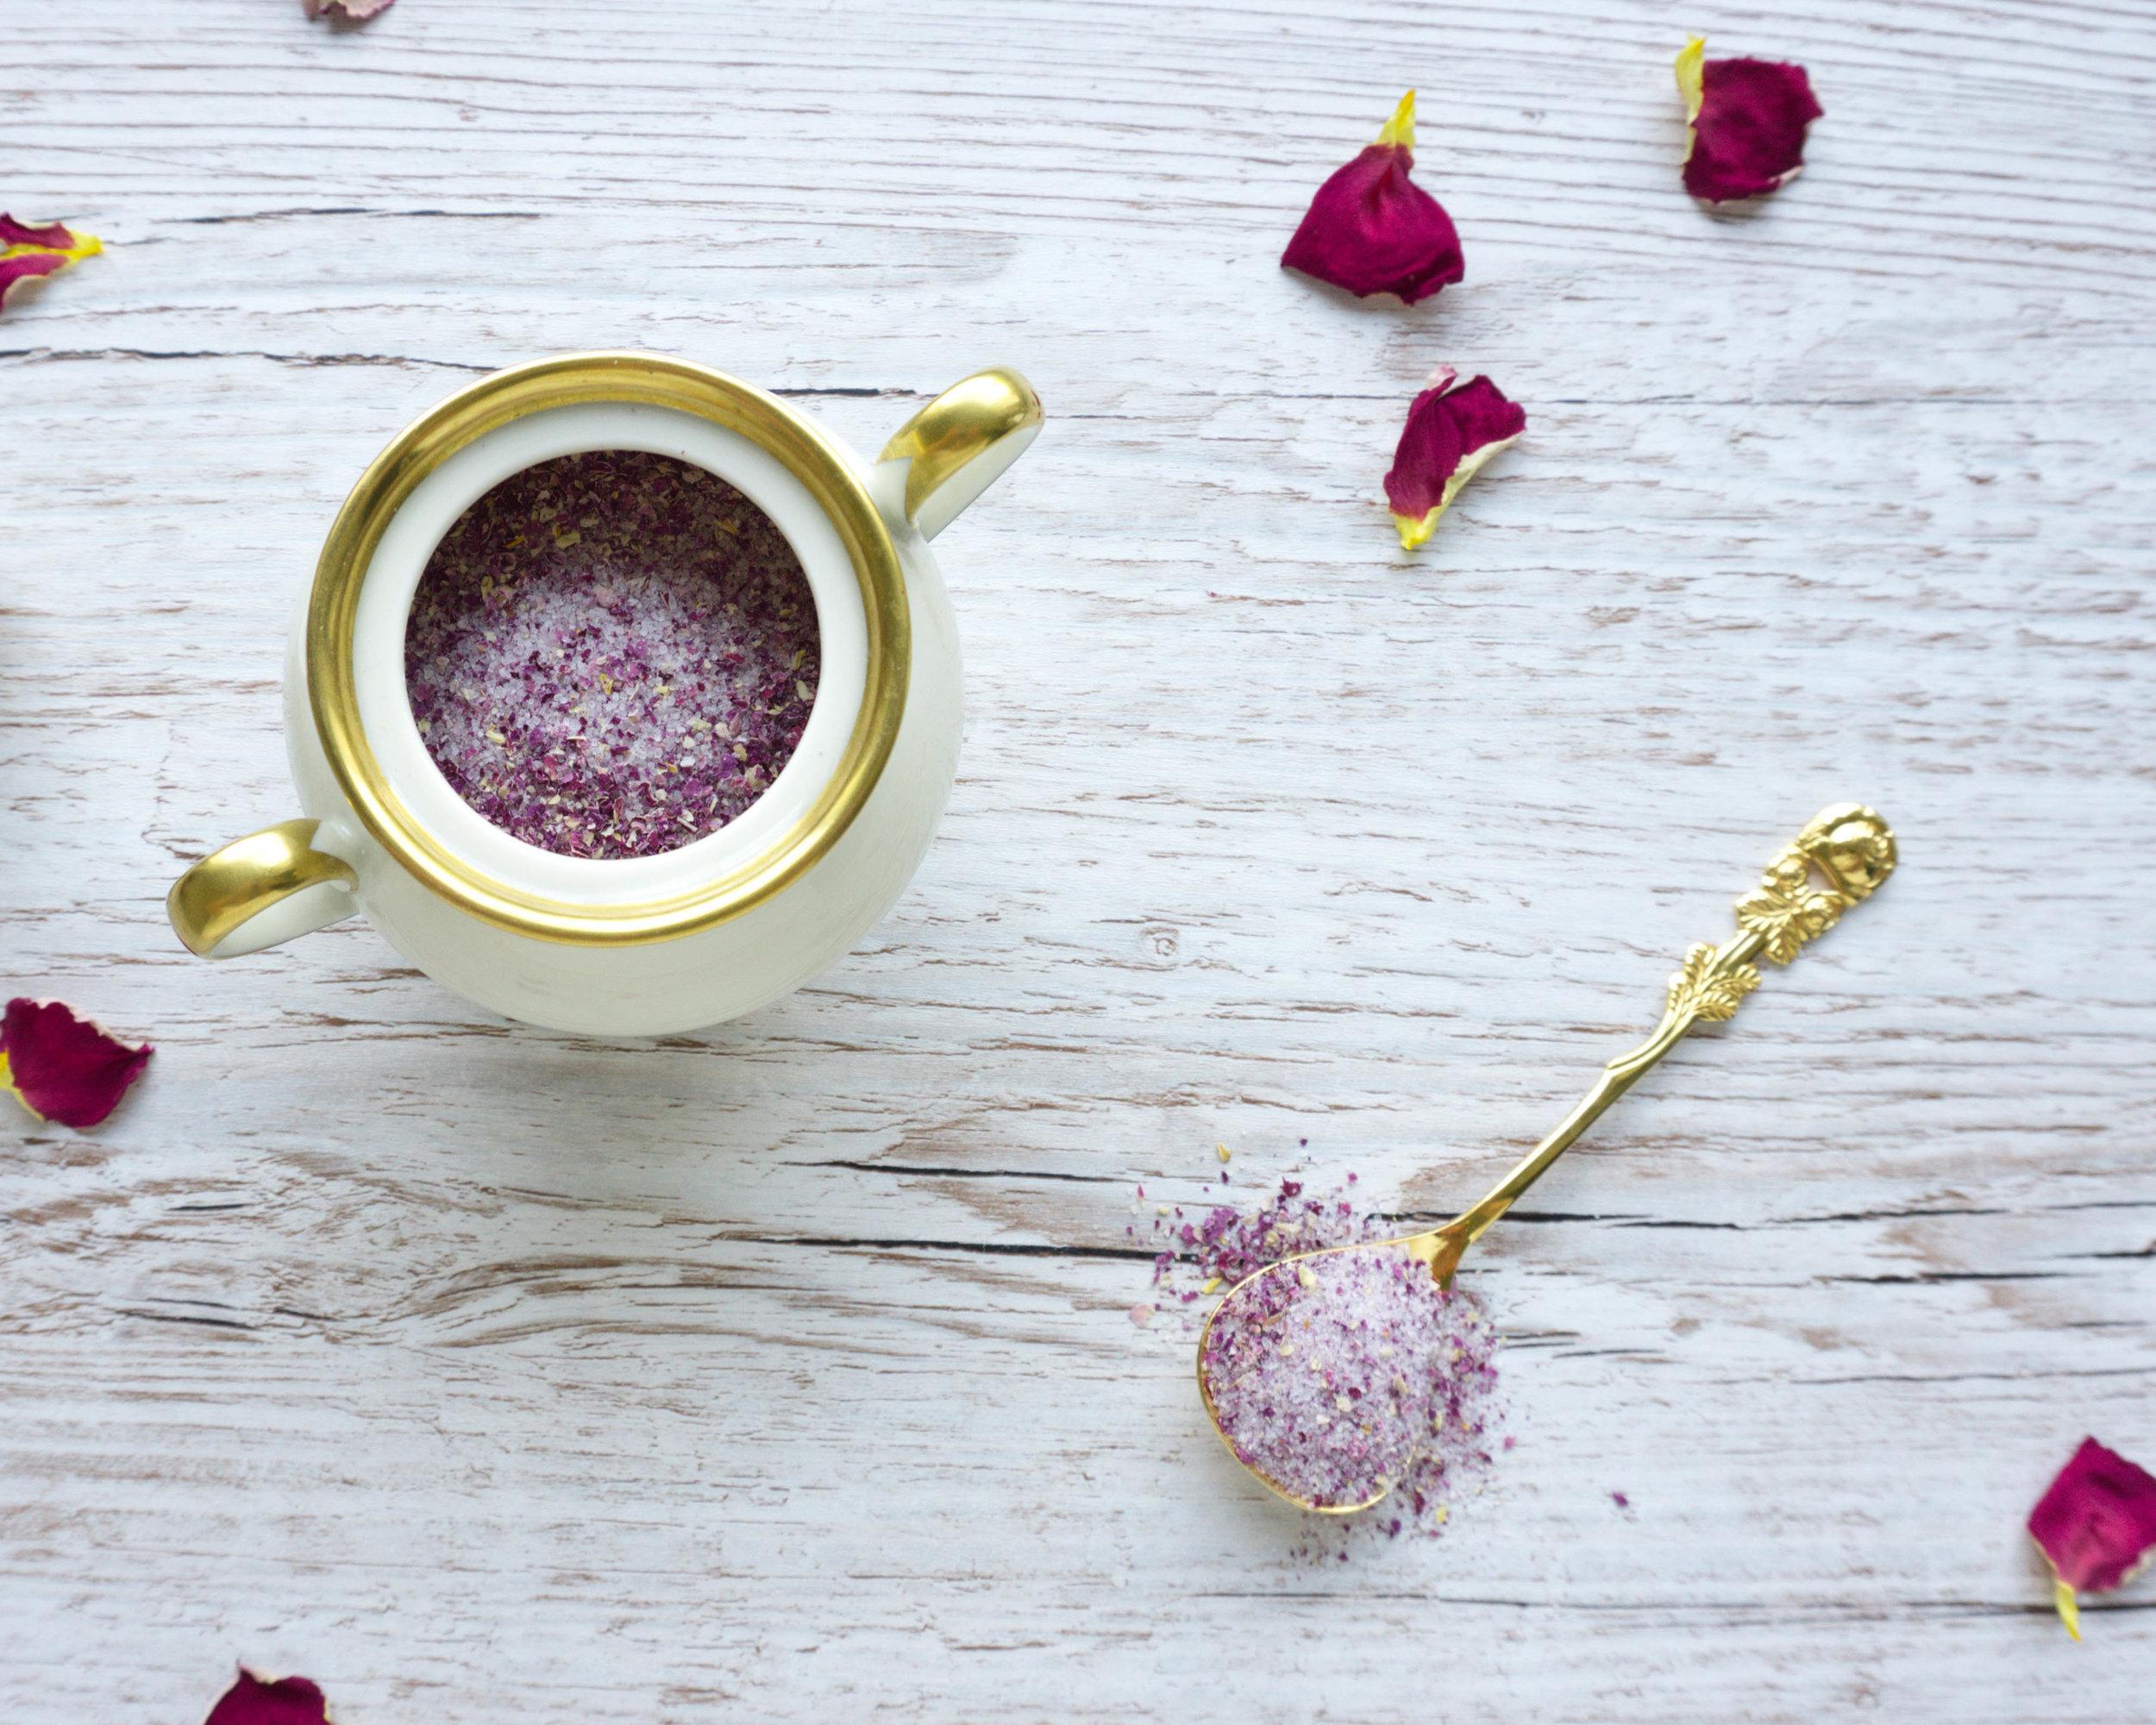 Rosen-Zucker für feine Desserts selber machen aus nur 2 Zutaten (Vegan).jpg